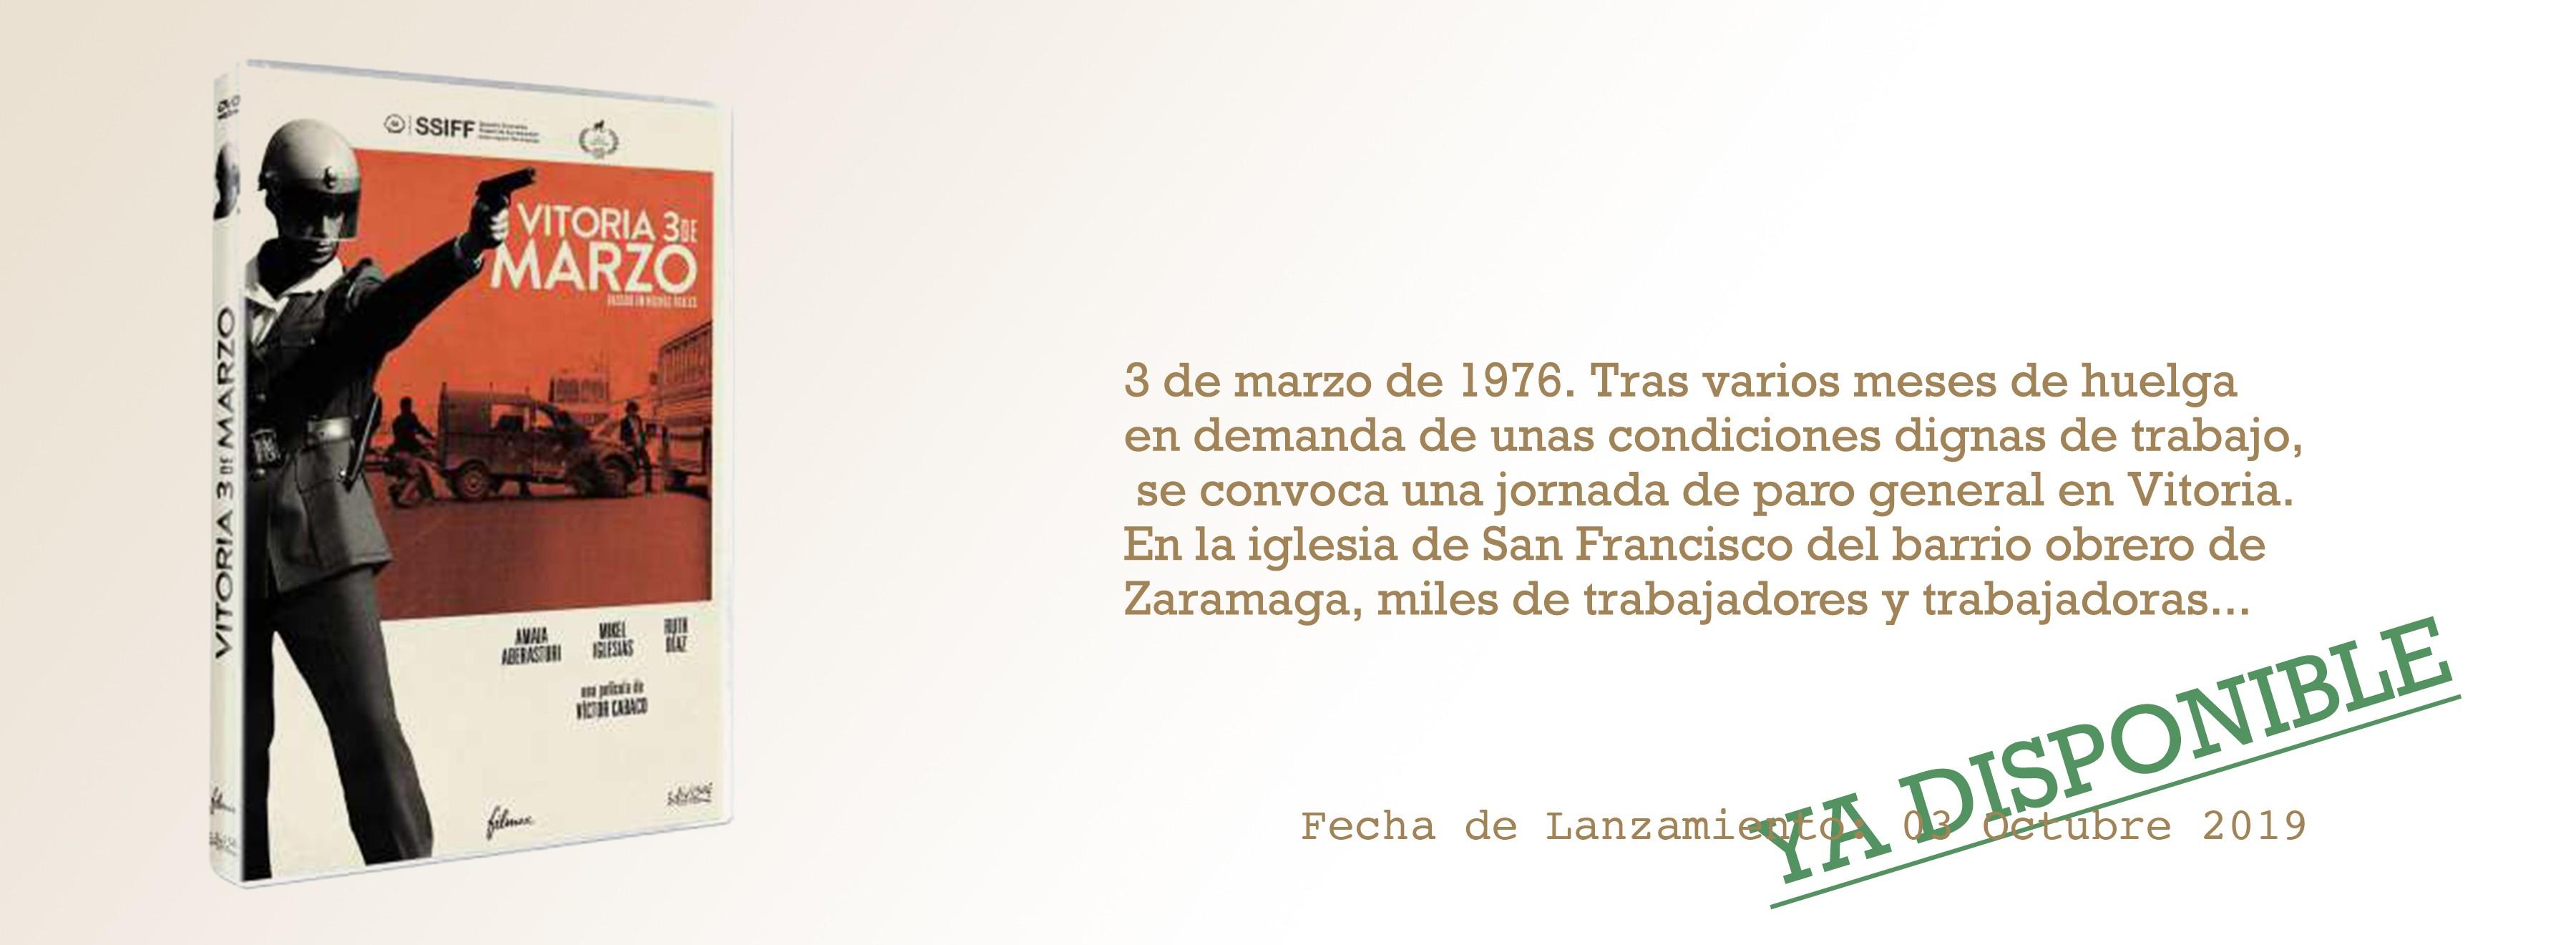 Vitoria_3_de_marzo